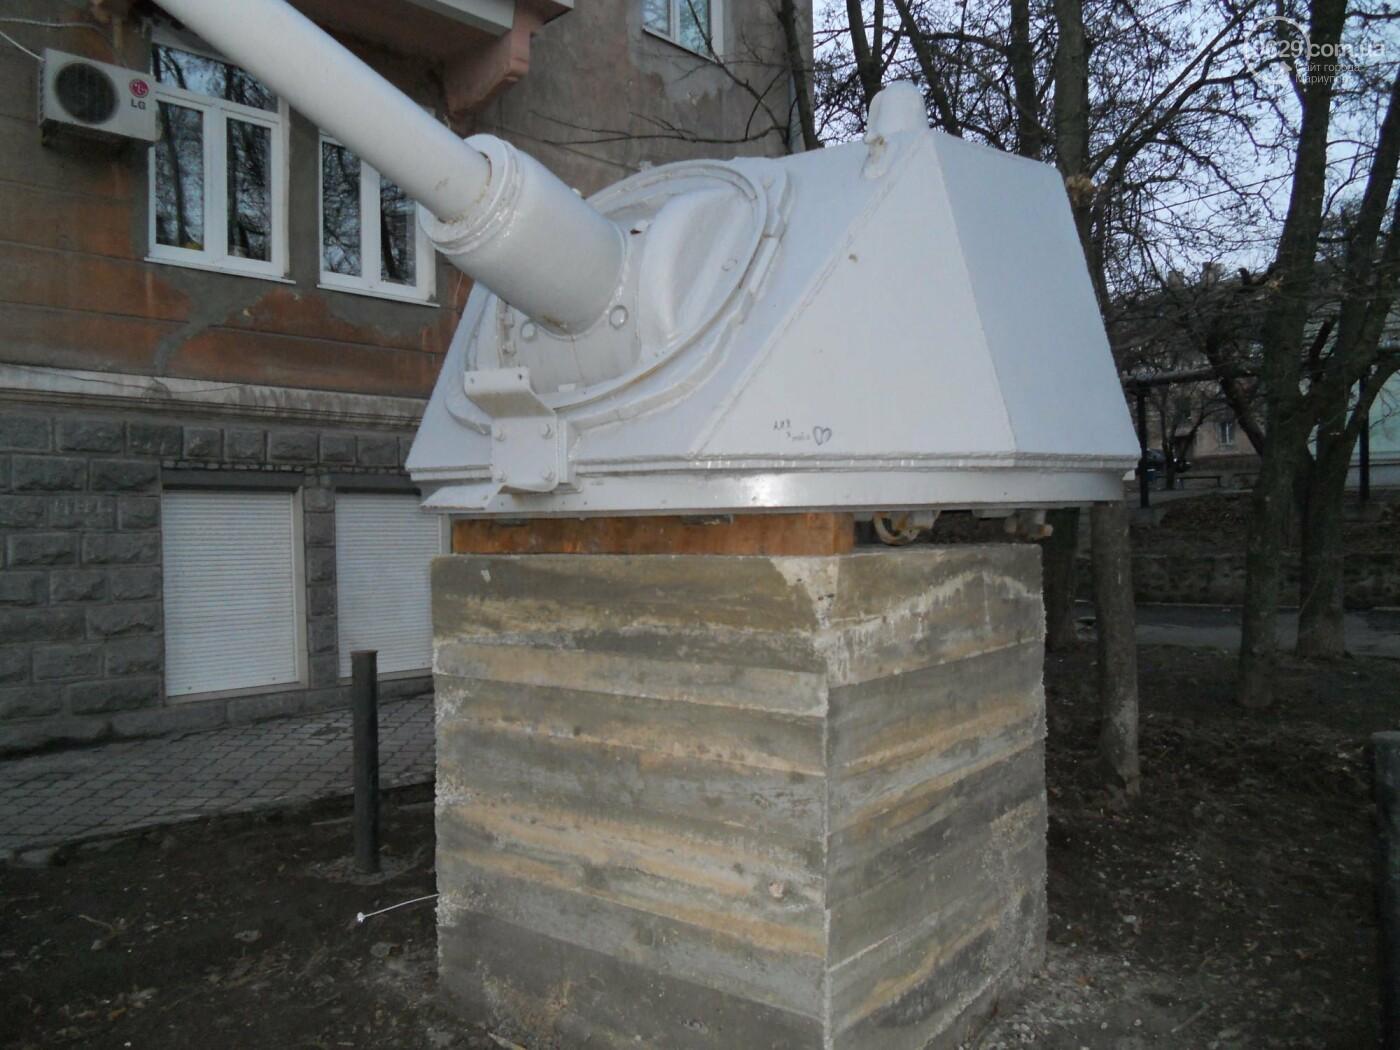 Пушка сменила место дислокации. В Мариуполе спасли мемориал времен Второй мировой войны , - ФОТО, фото-3